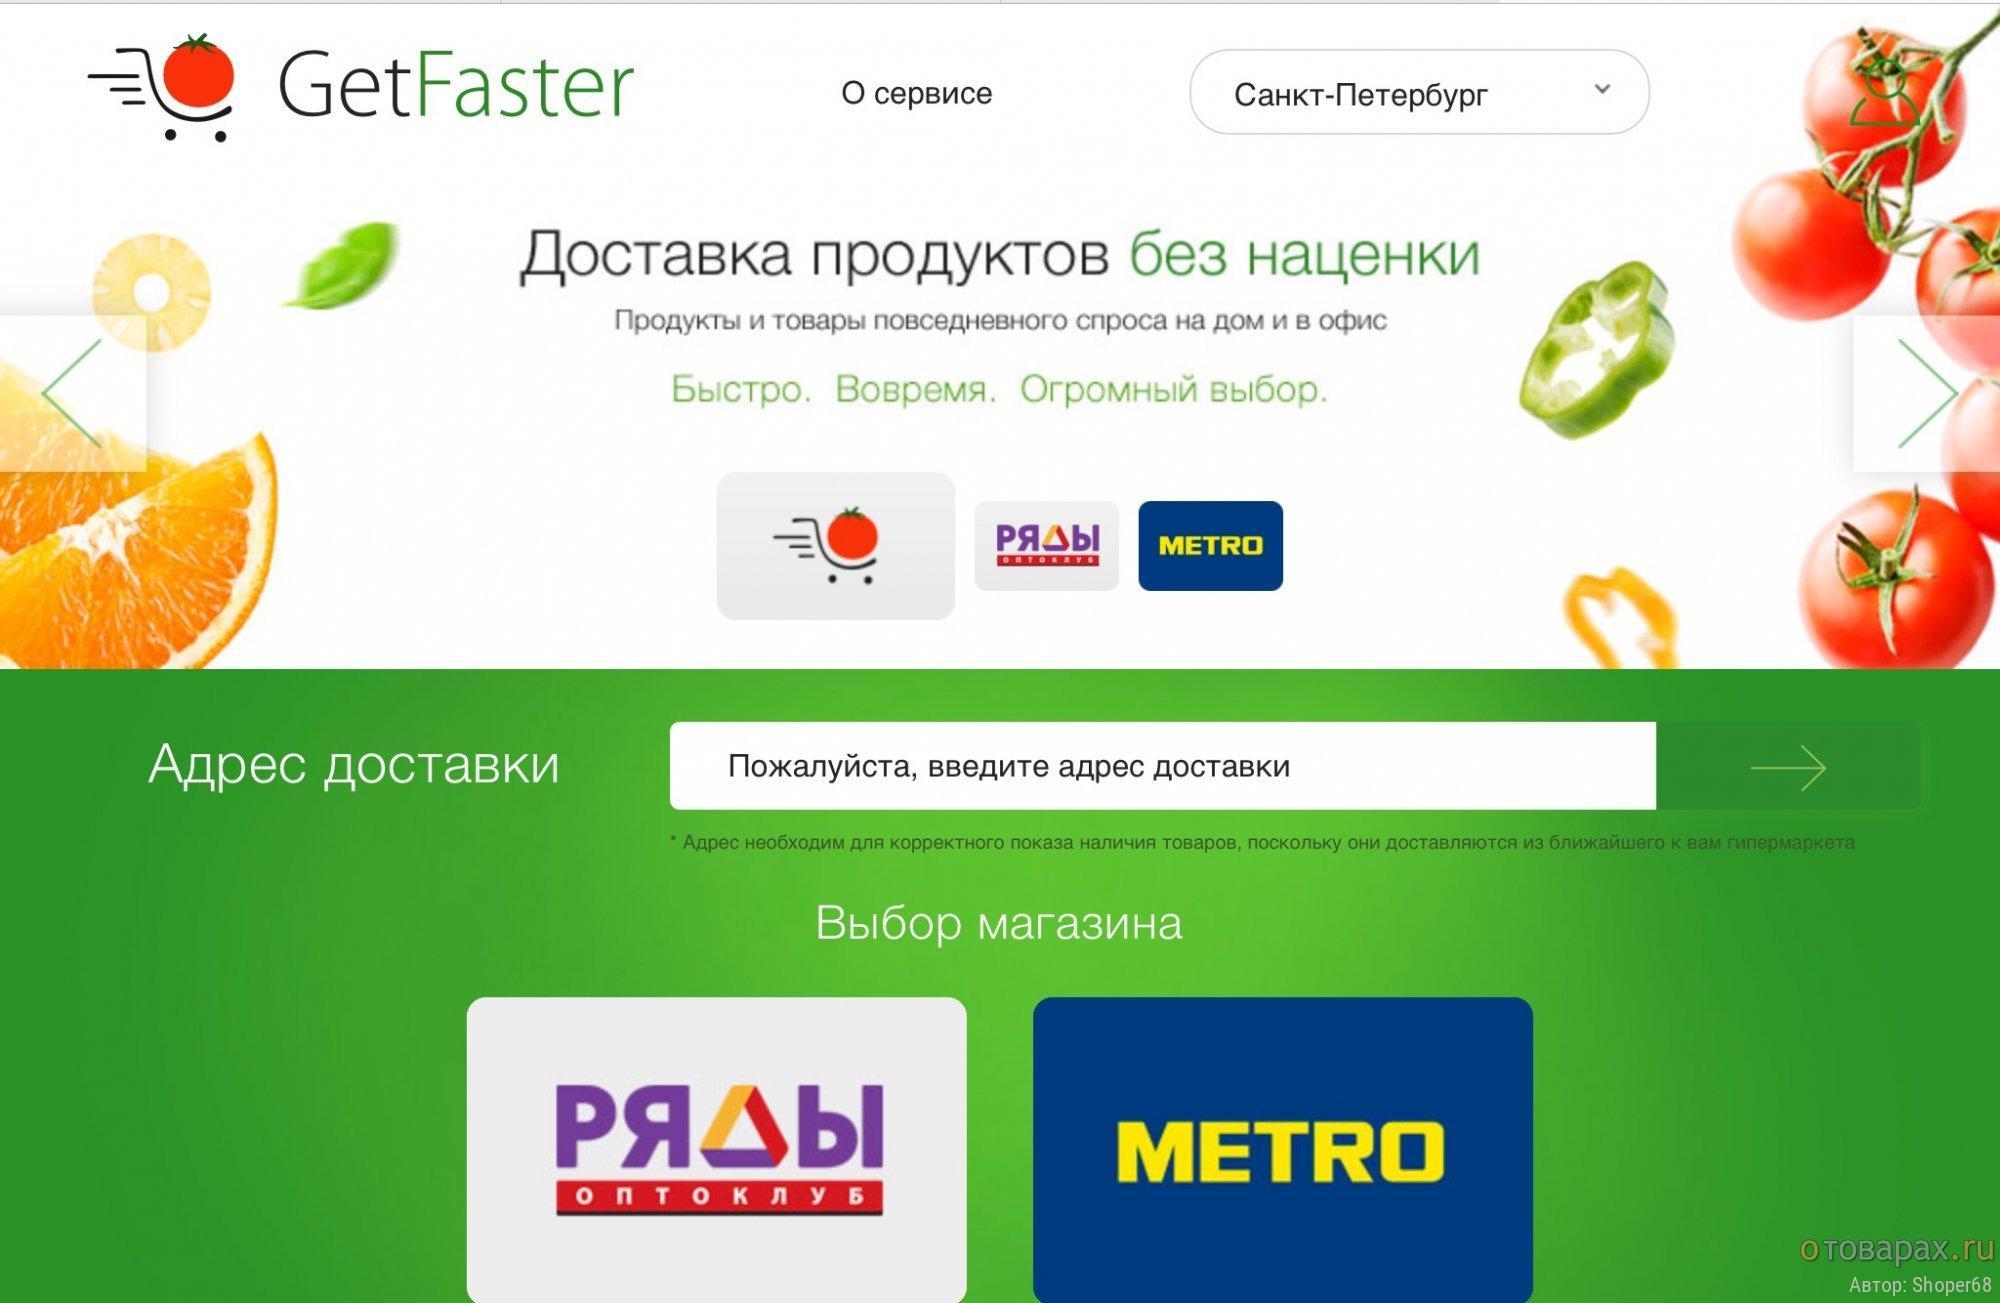 Цены в GetFaster ниже среднерыночных